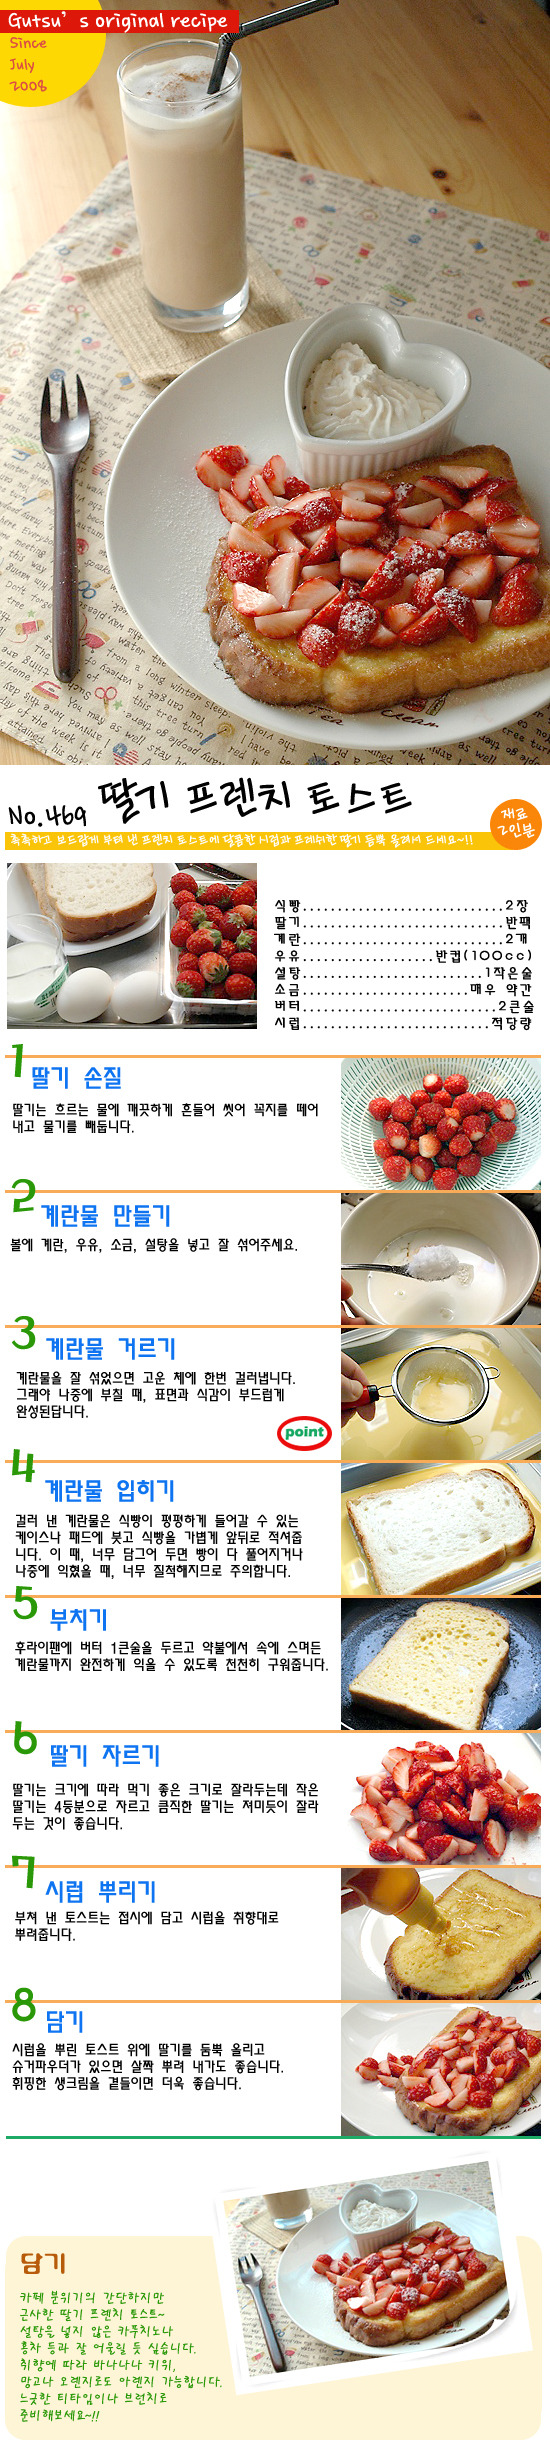 봄을 닮은 화사한 딸기 프렌치 토스트!!